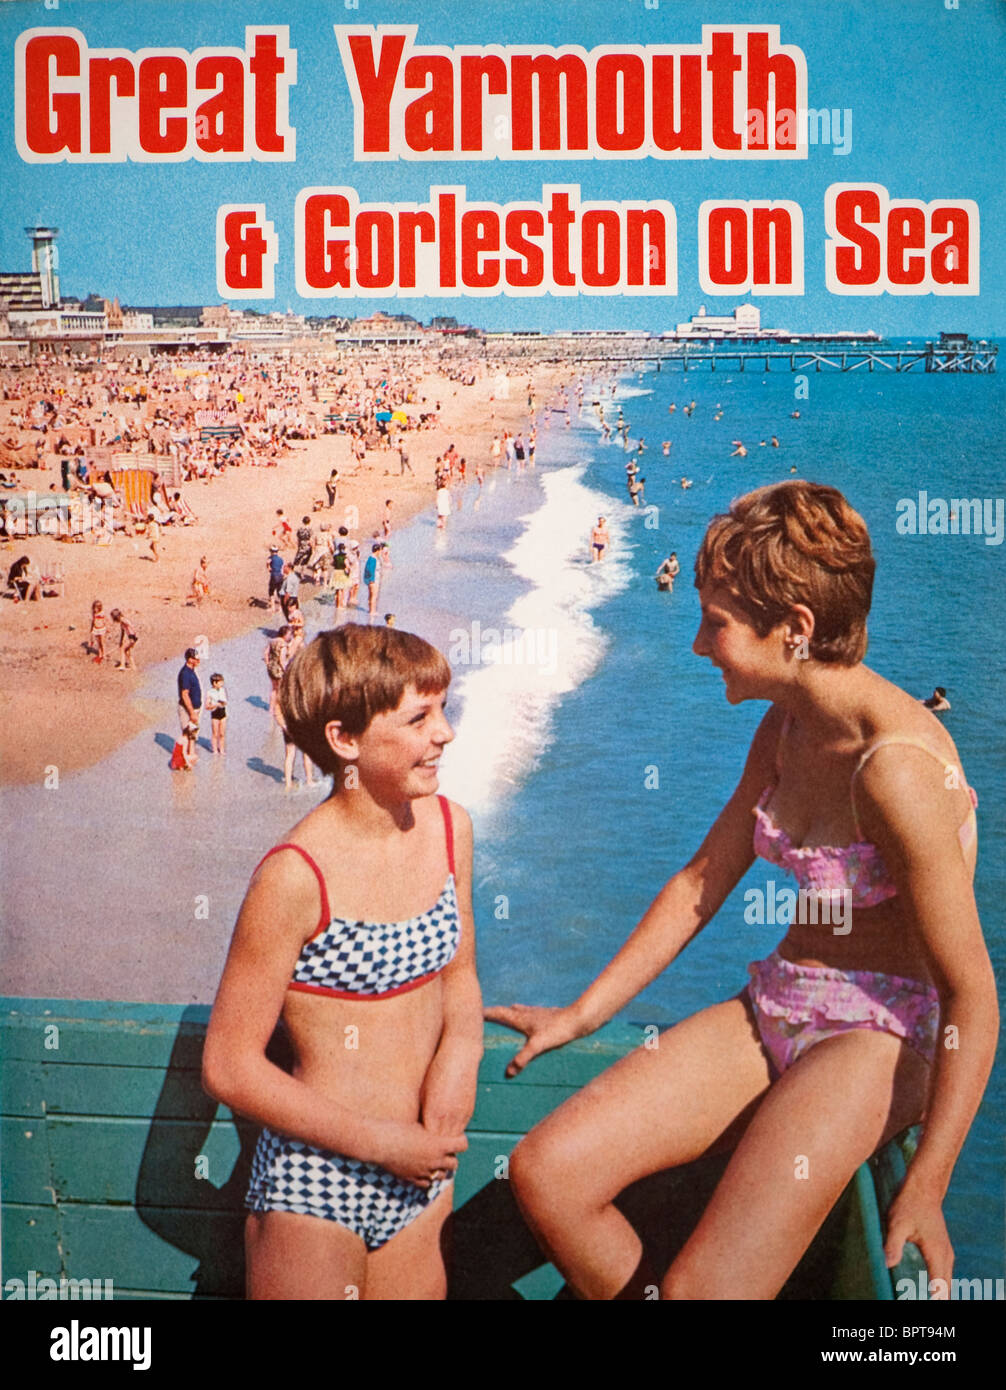 Couvrir d'un Great Yarmouth & Gorleston-On-Sea tour guide brochure publicité. Photo Stock